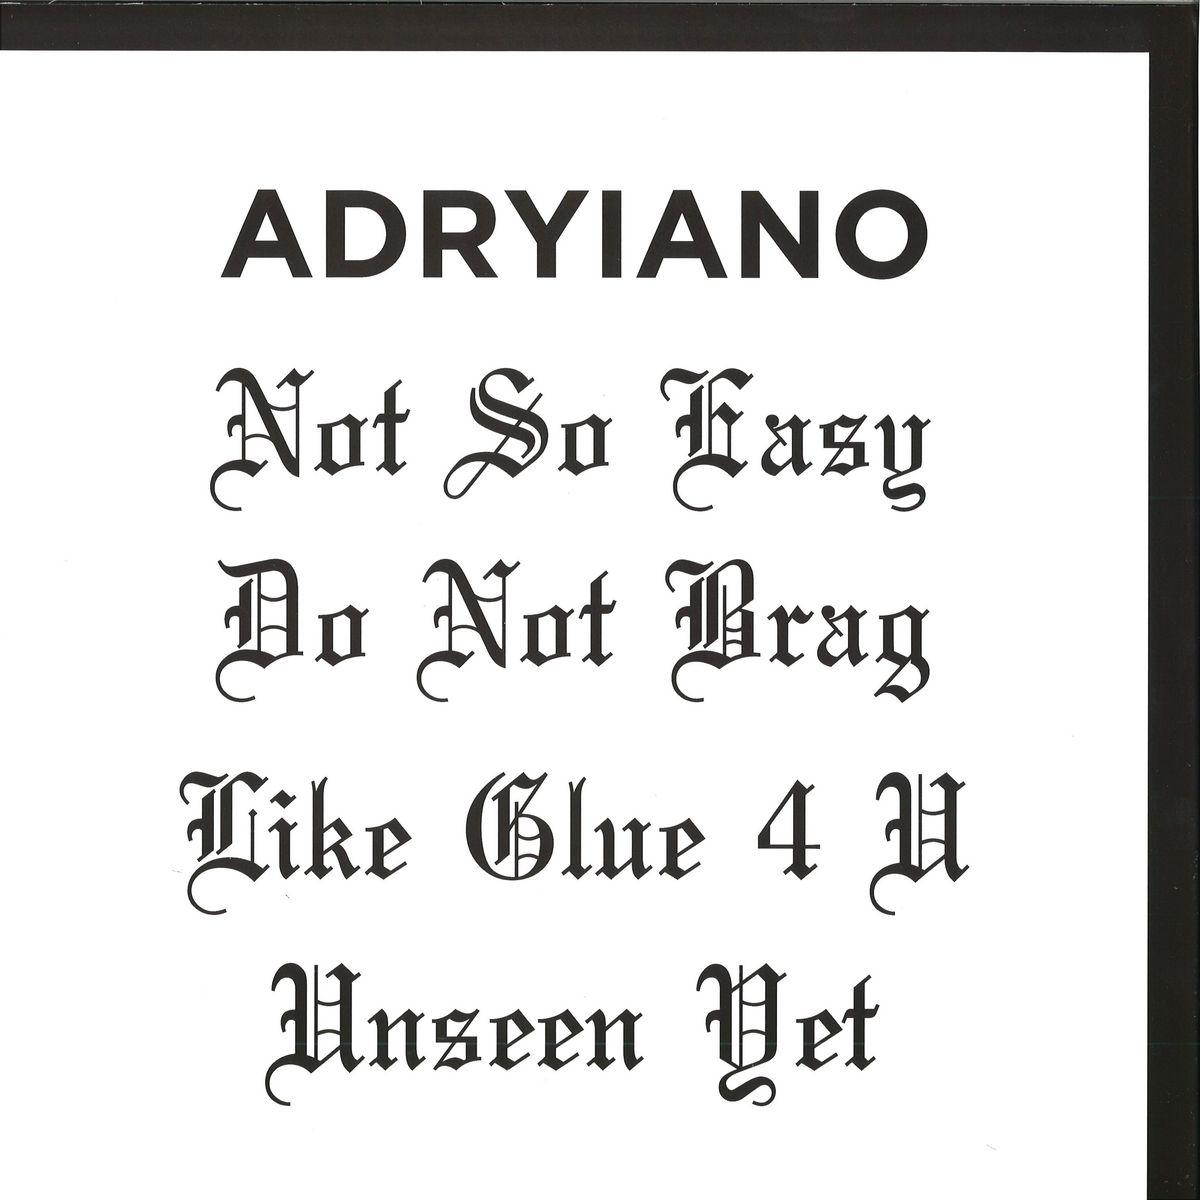 ADRYIANO-NOT SO EASY